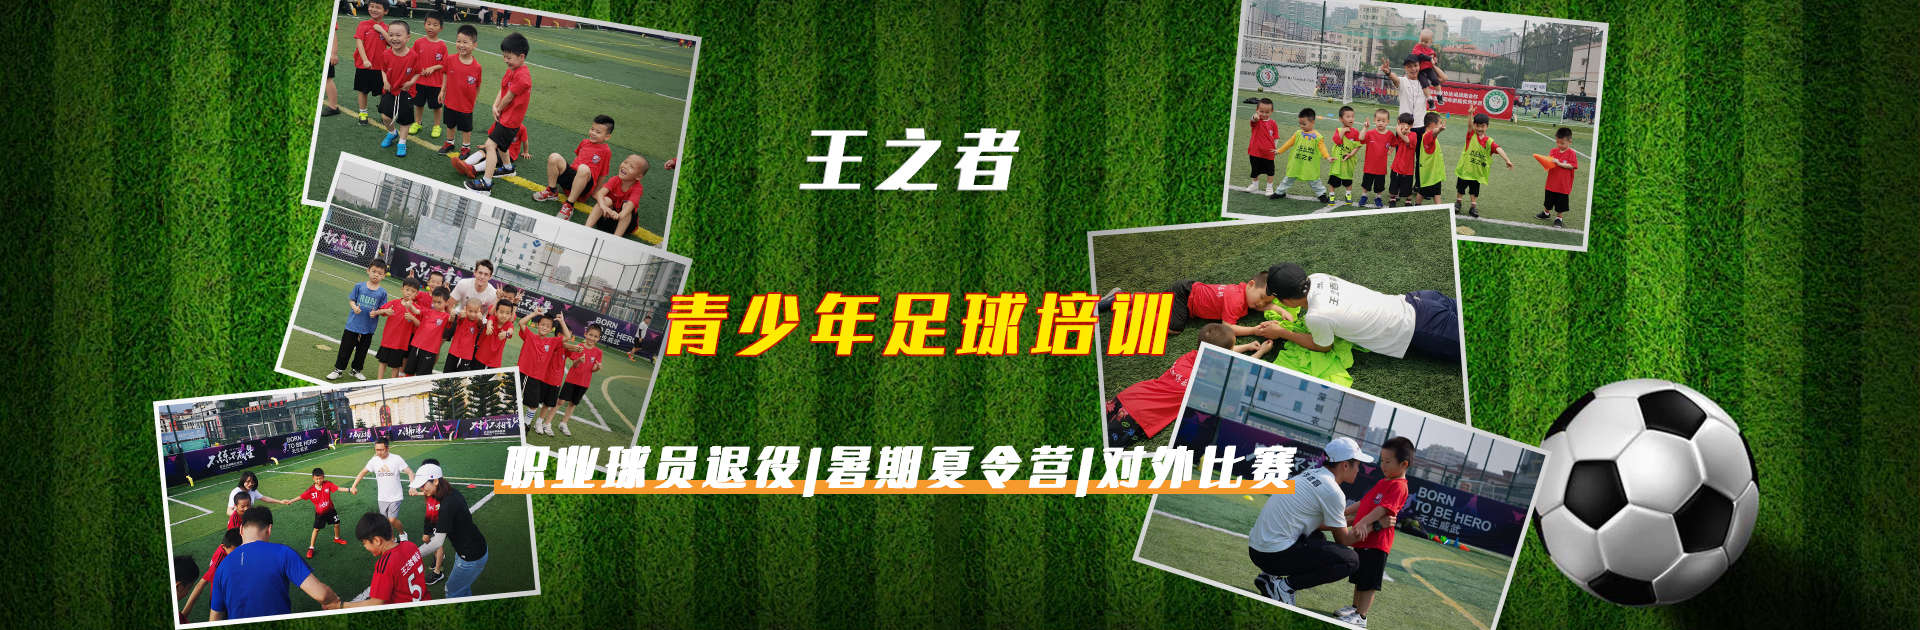 青少年足球培训